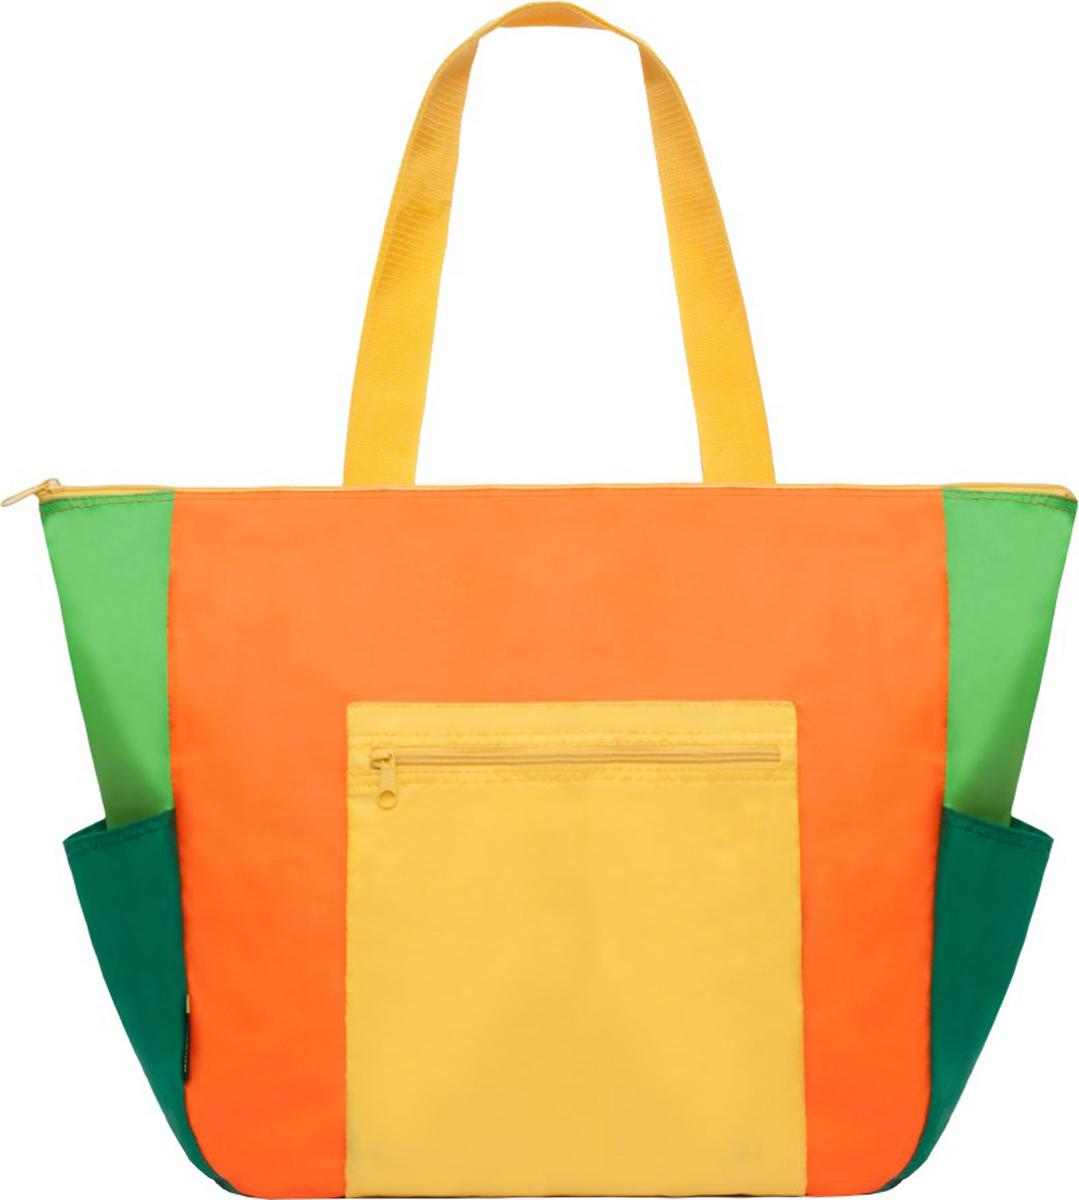 Пляжная сумка Grizzly, цвет: оранжевый. MD-845-2/2